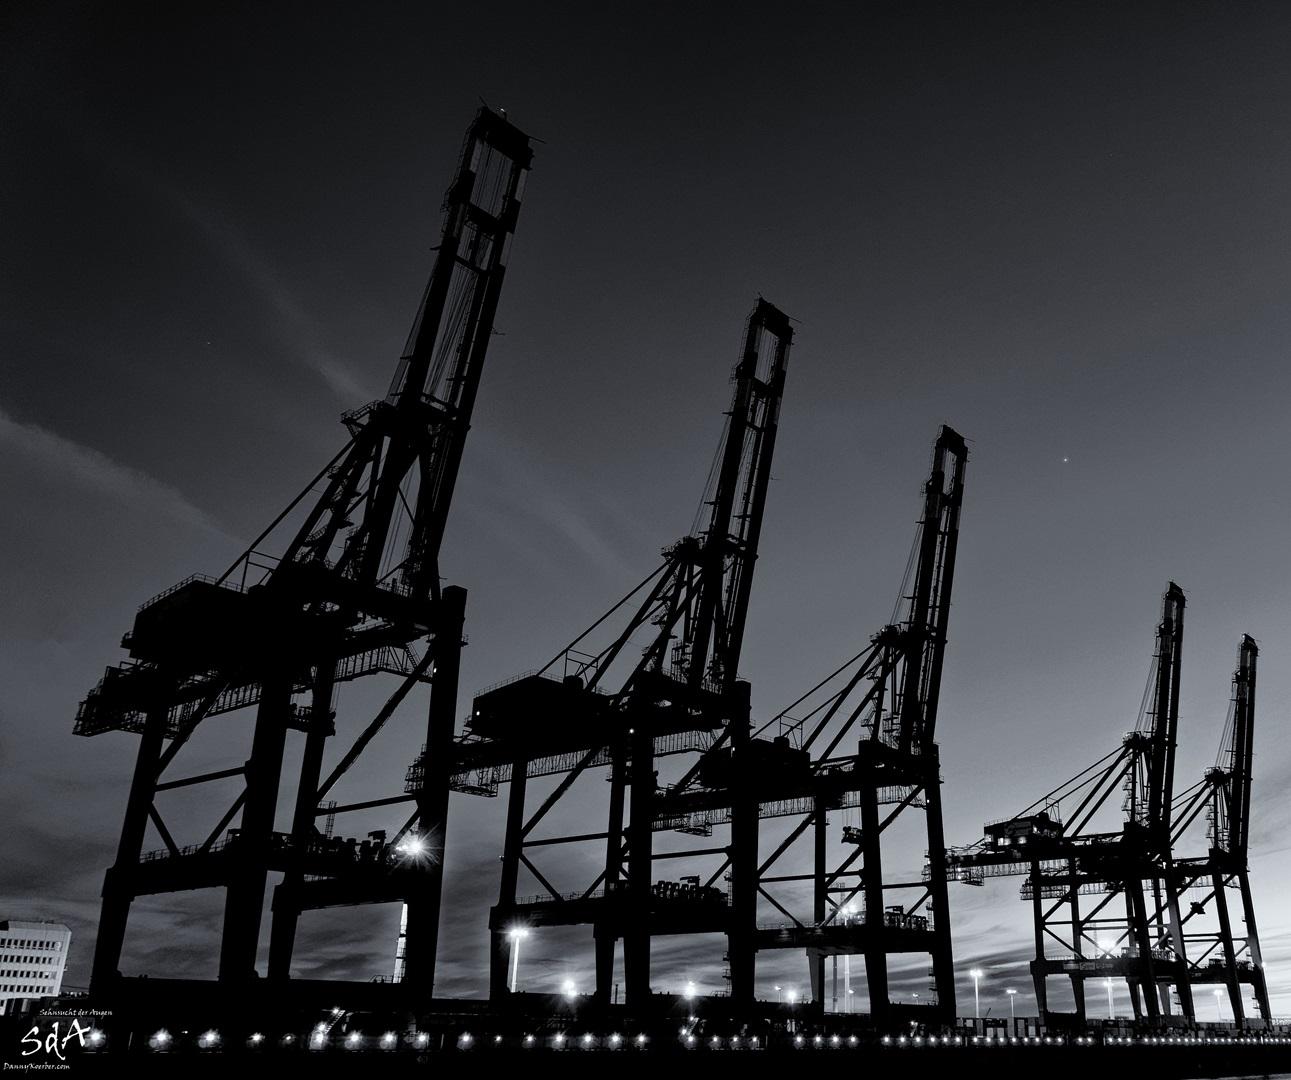 Stille Giganten im Hamburger Hafen. Hamburger Hafen fotografiert von Danny Koerber für Sehnsucht der Augen.